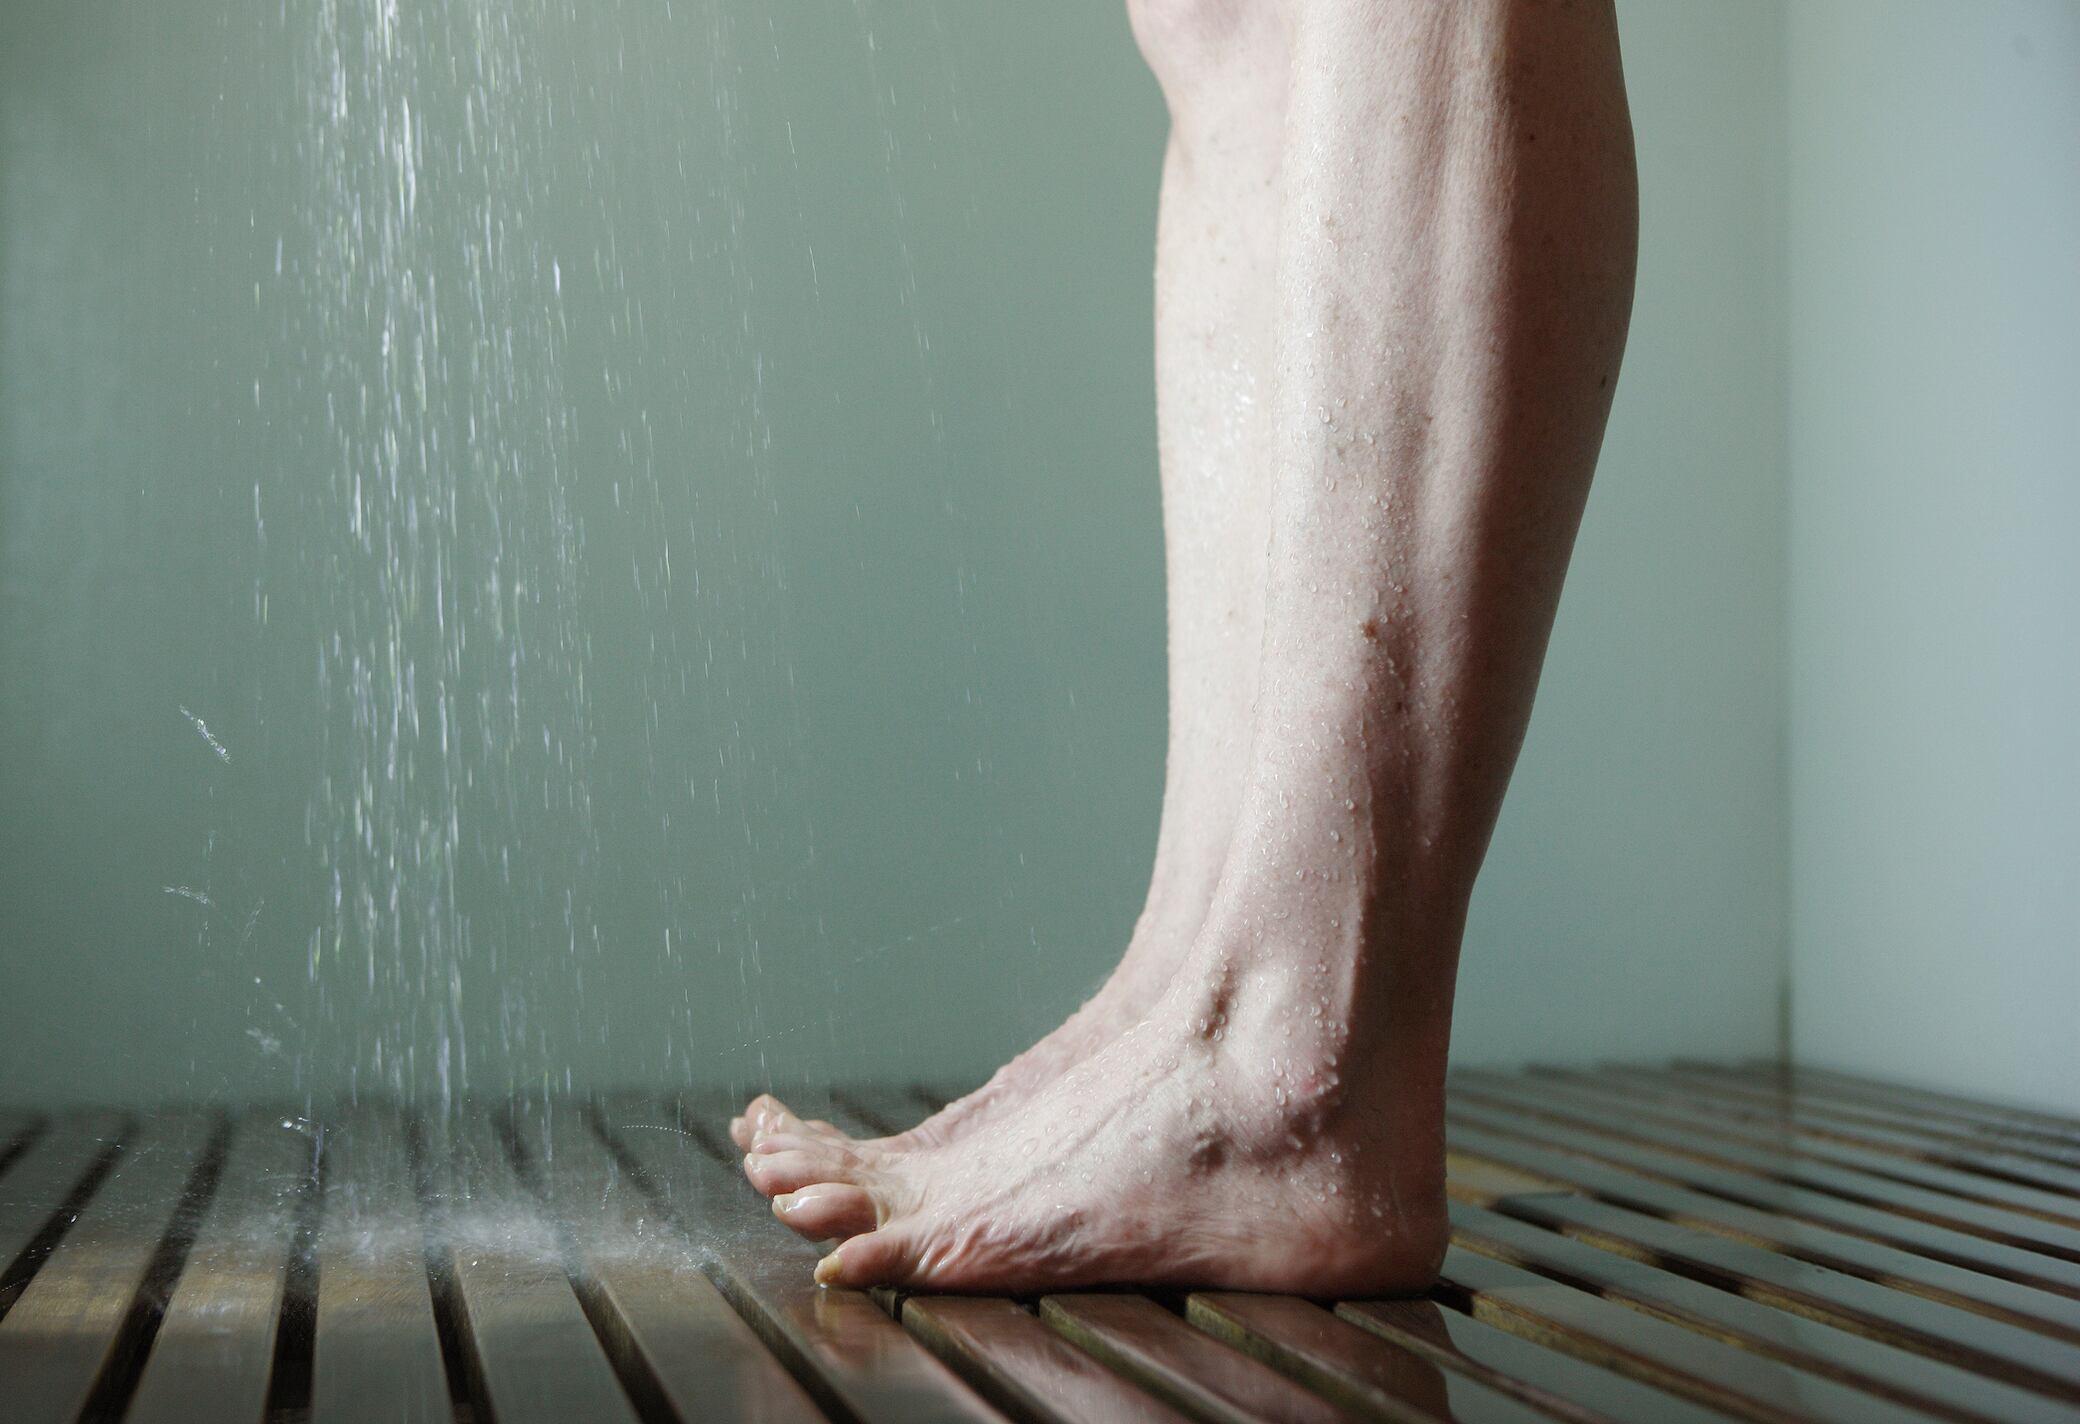 Darf man in die Dusche pinkeln?